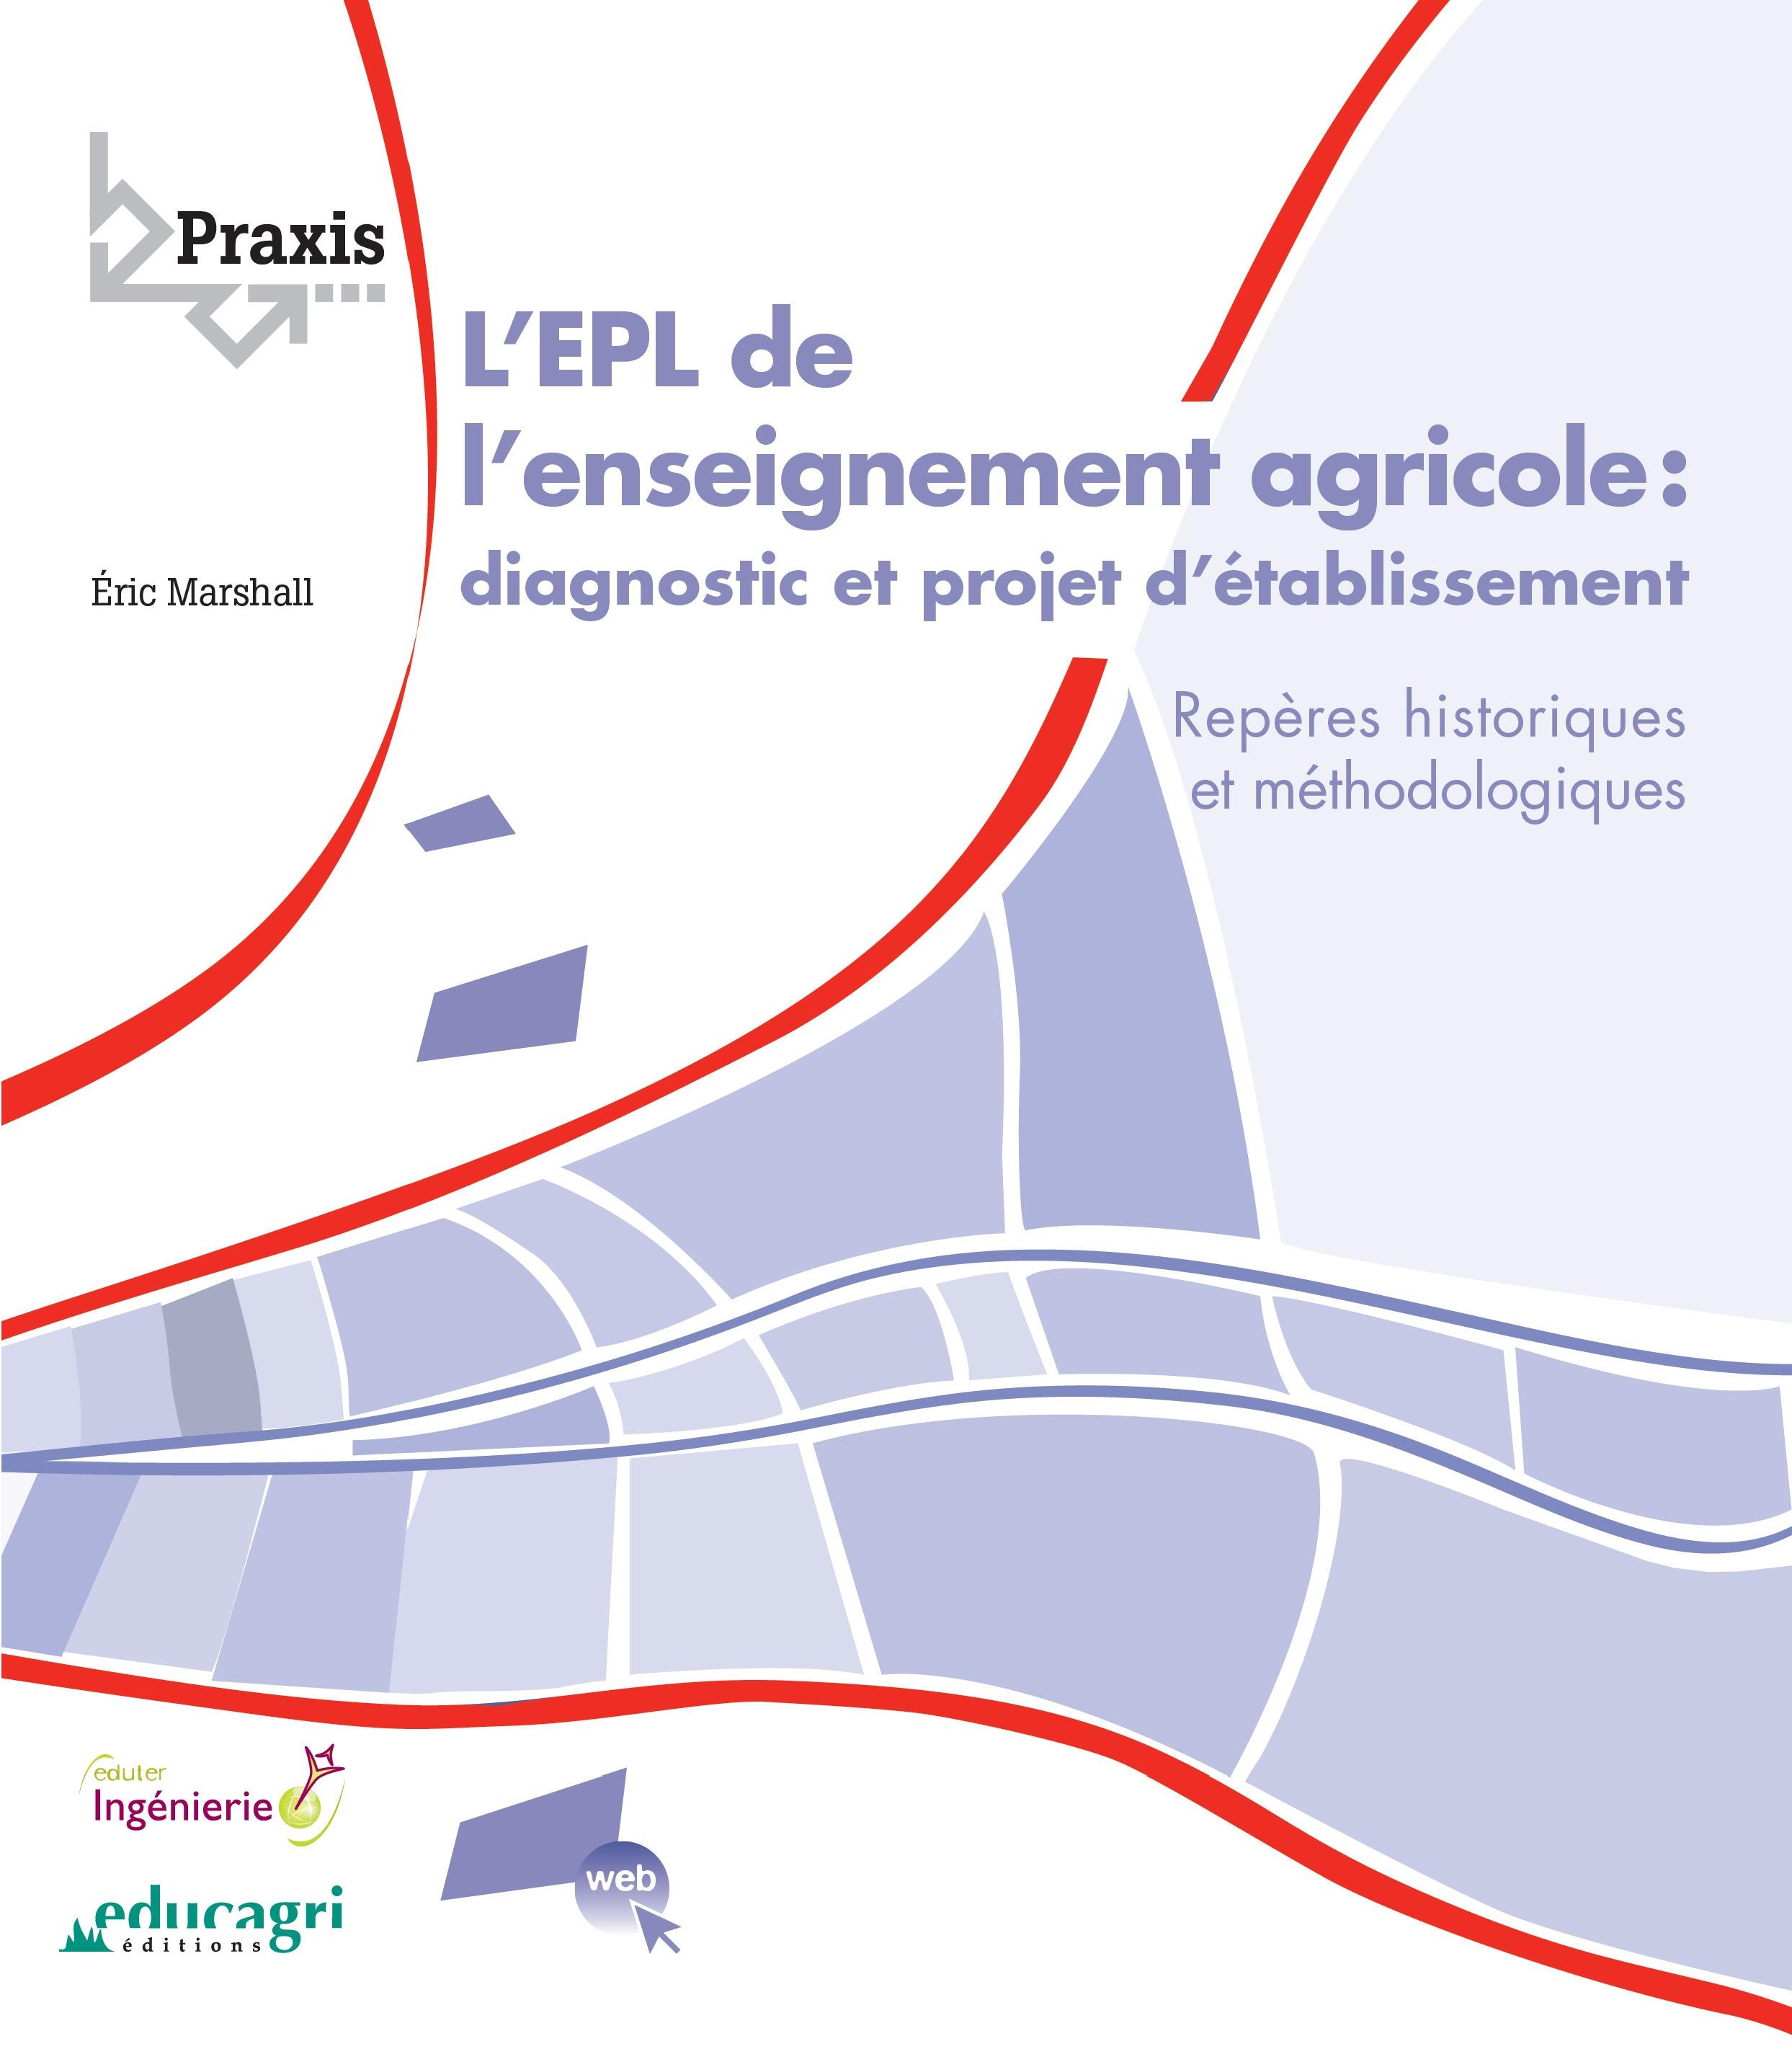 L'EPL de l'enseignement agricole : diagnostic et projet d'établissement ; repères historiques et méthodologiques